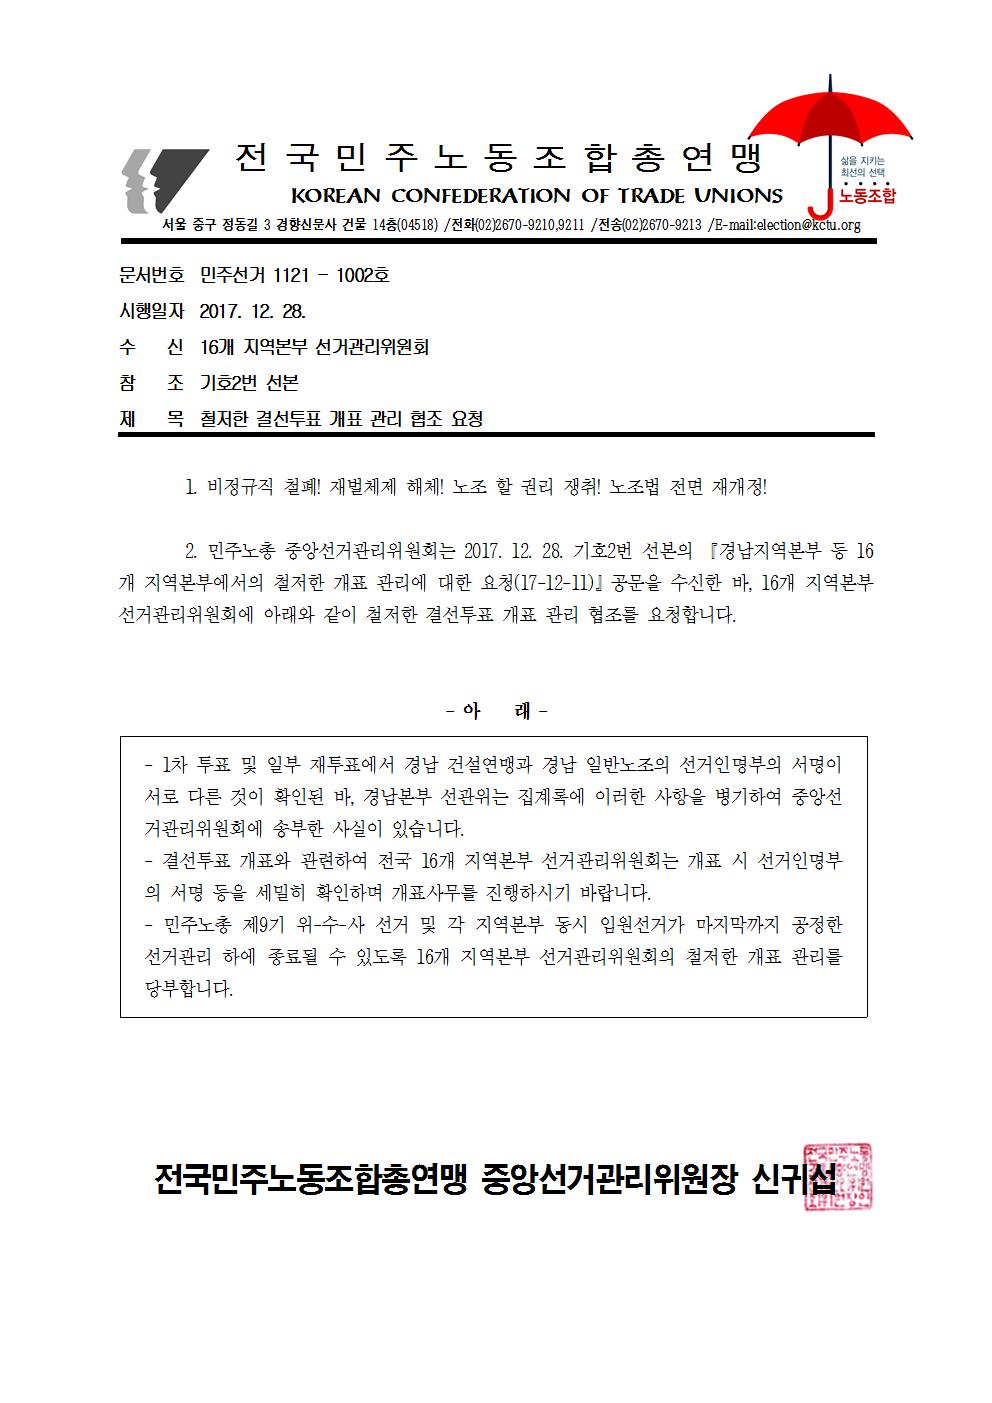 17kctu1002_철저한 결선투표 개표 관리 협조 요청001.png